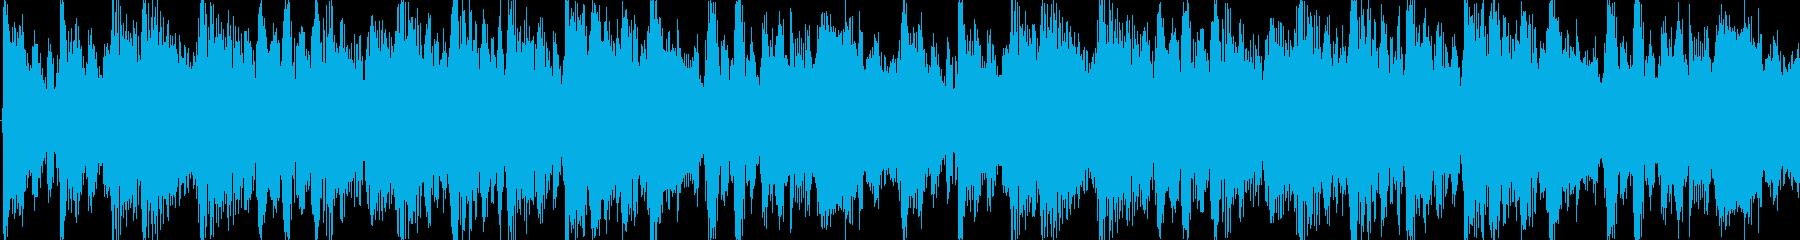 【爽やか/タンバリン/アコギ/ポップス】の再生済みの波形